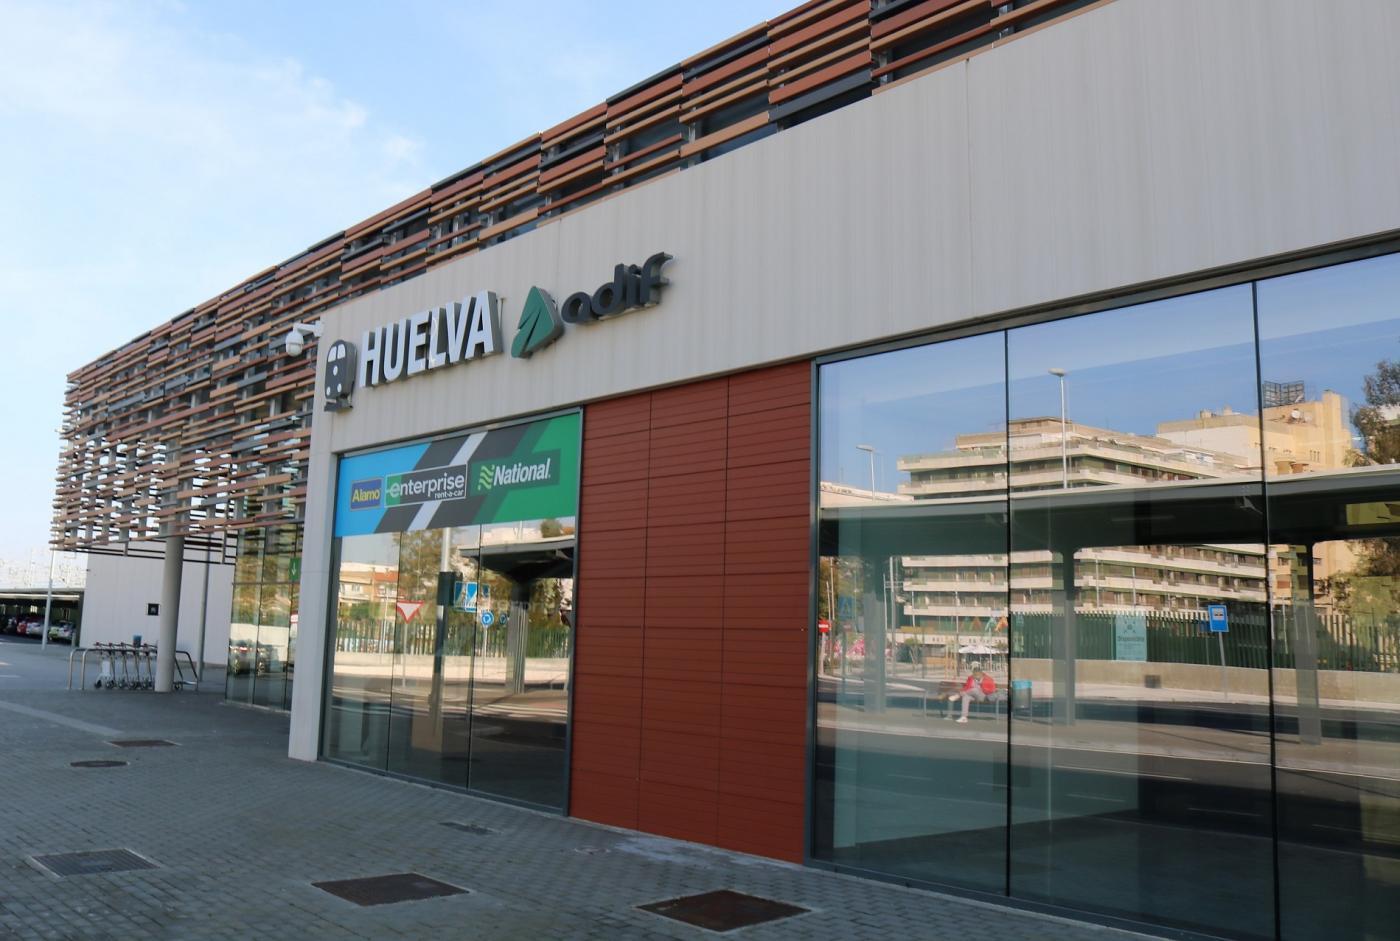 La Cámara De Comercio Reclama El Ave De Sevilla A Faro Con Parada En Huelva Andalucía Información Las Noticias De Punta Umbría